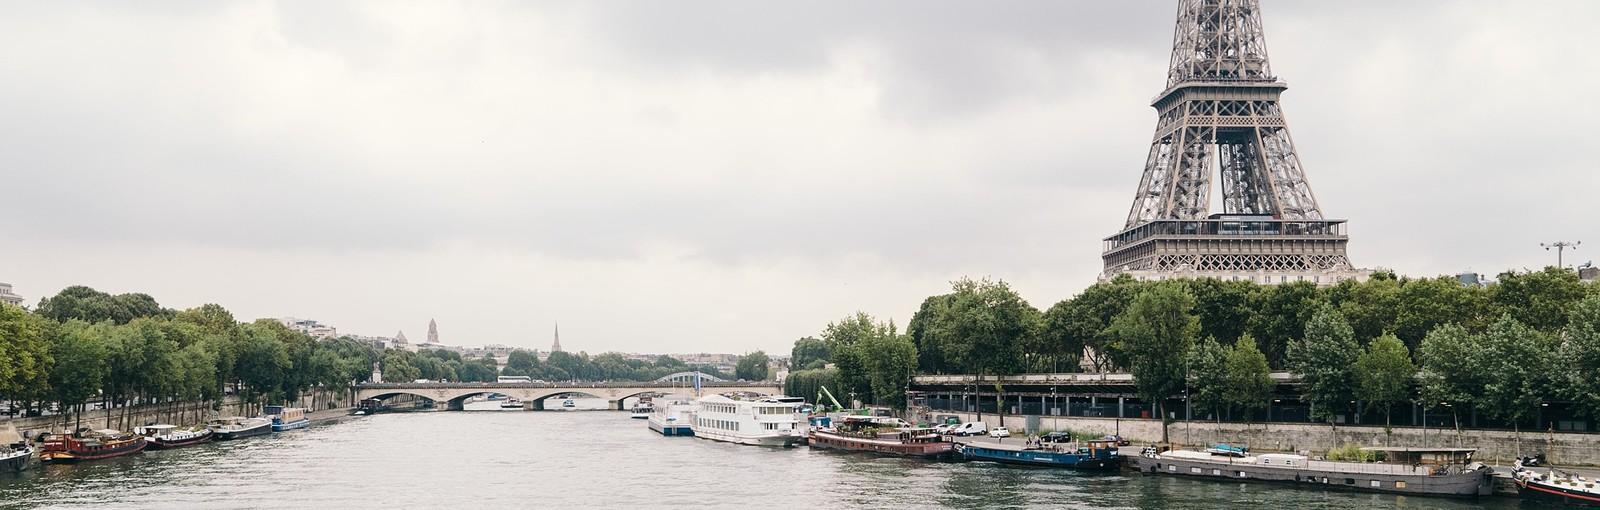 Tours 巴黎套餐游,魅力酒店3晚 - 巴黎游套餐 - 巴黎游